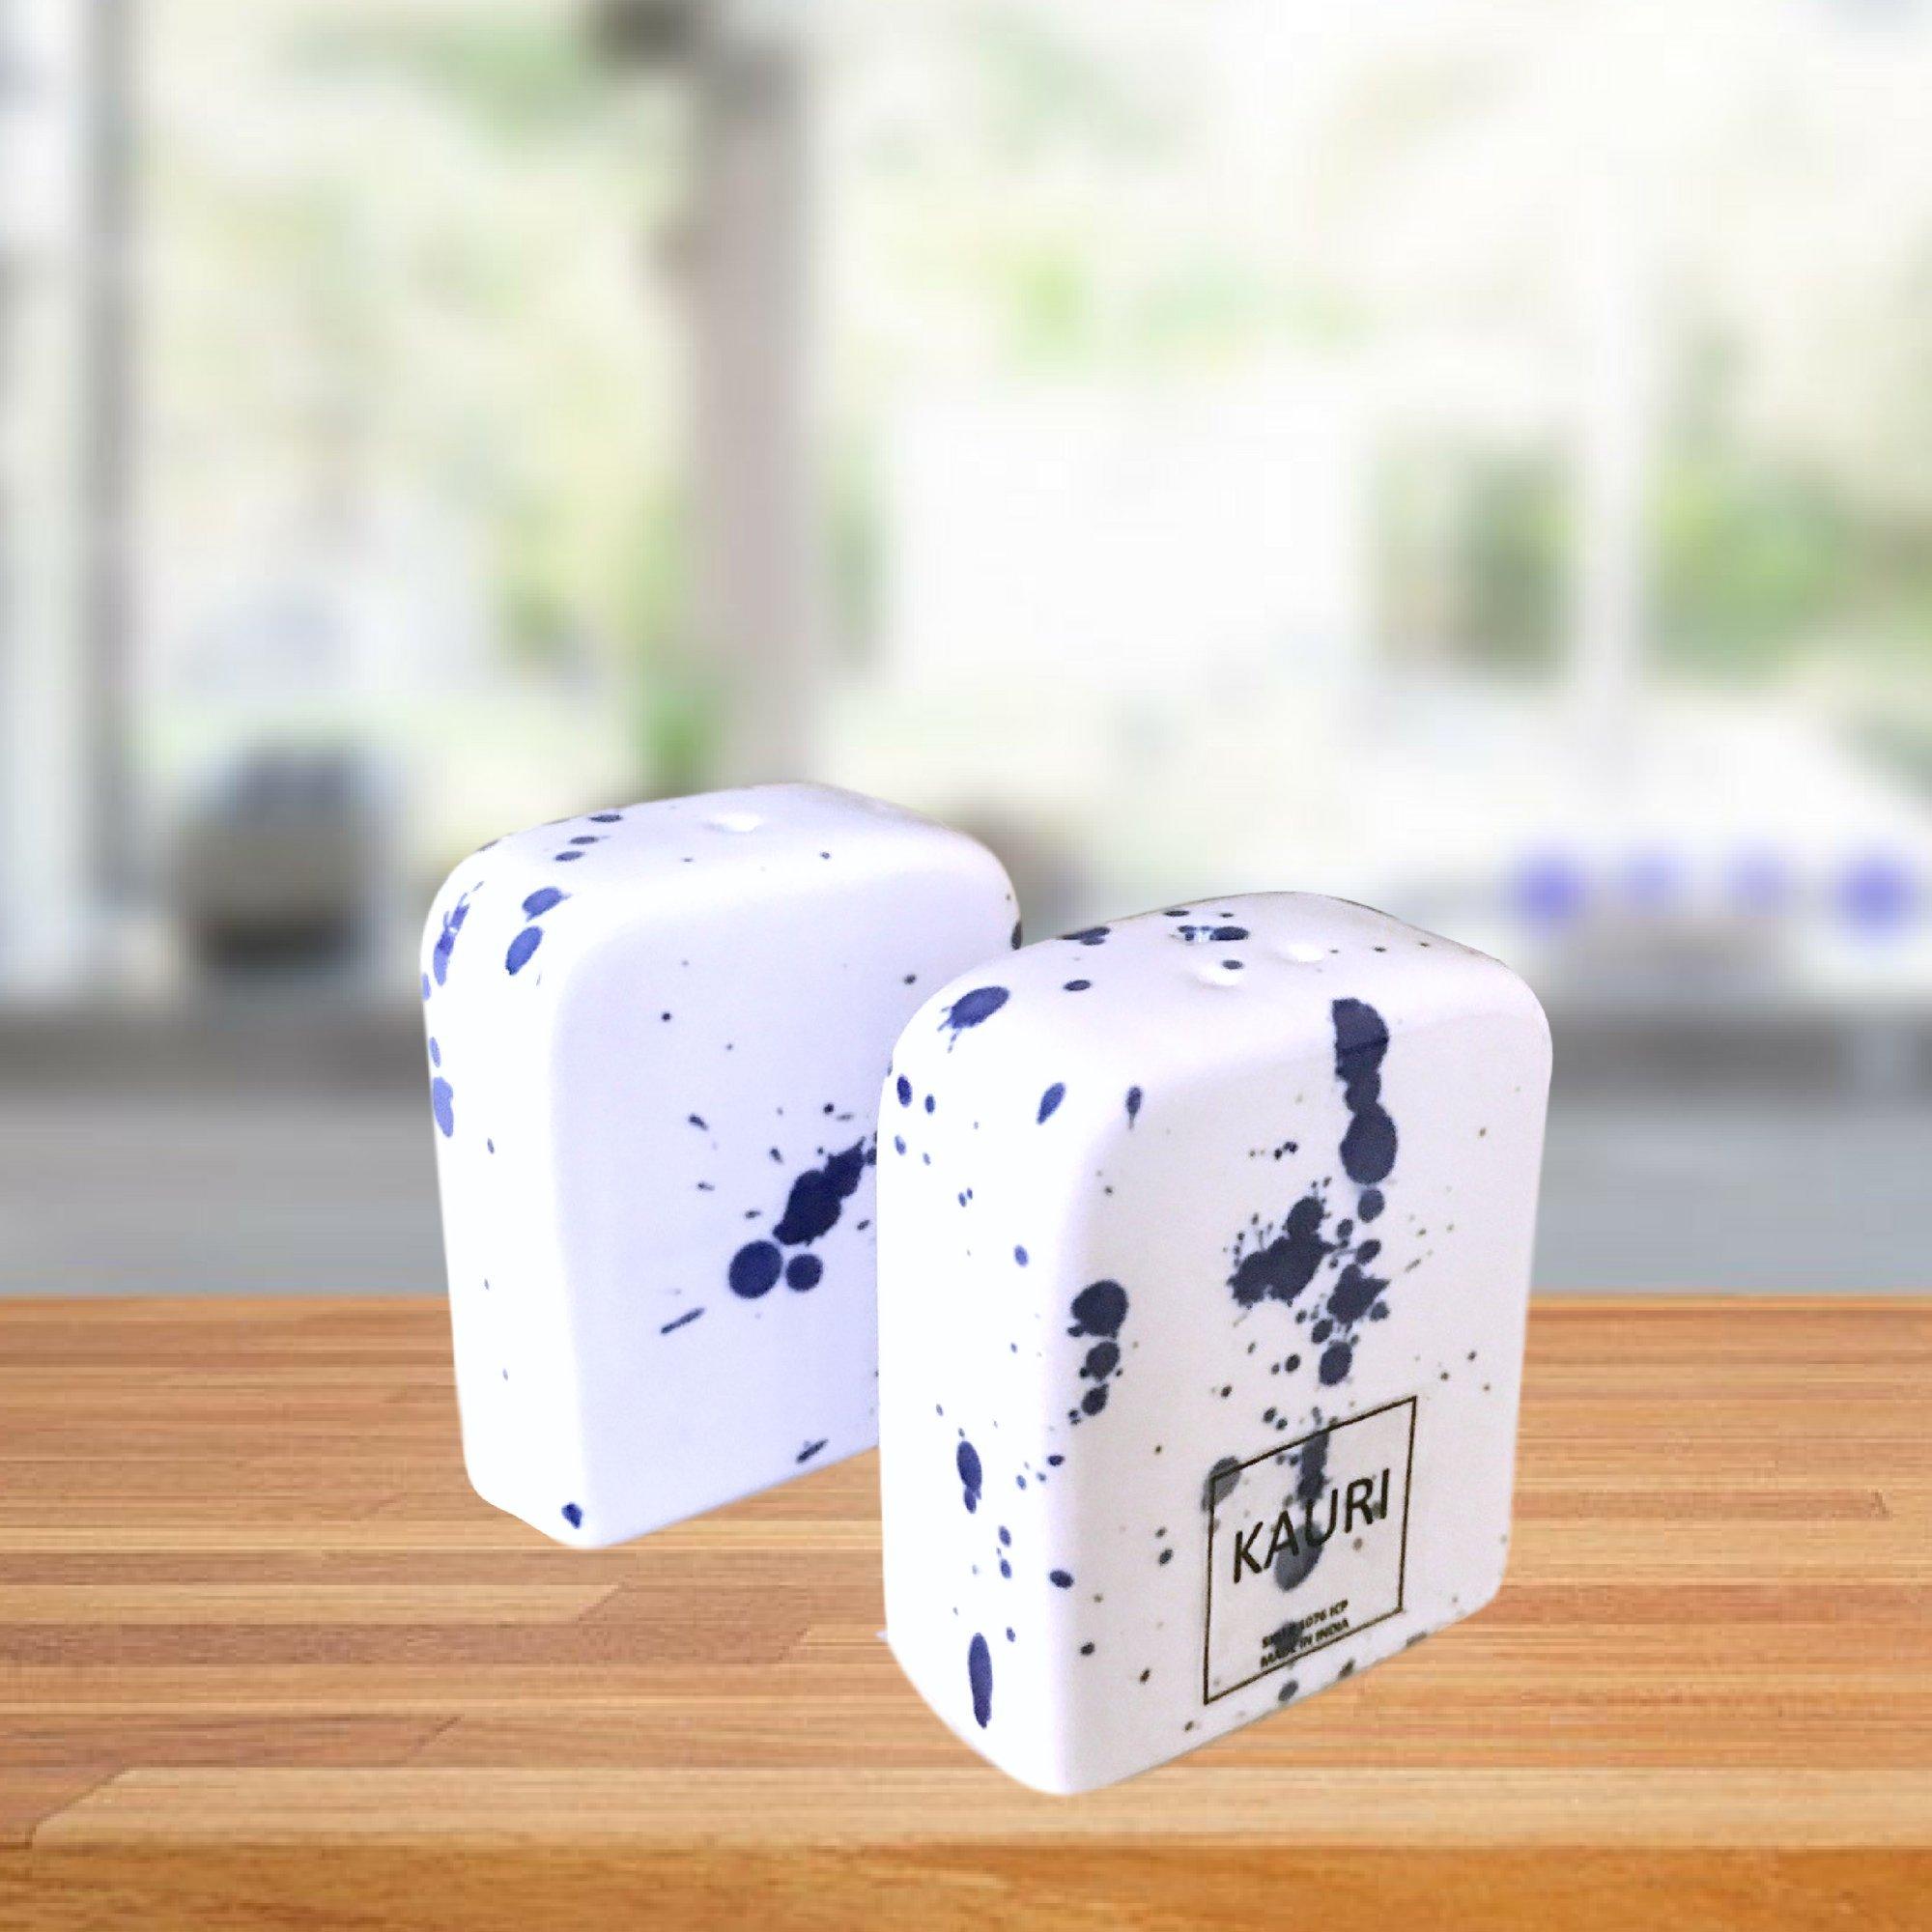 Kauri Ceramic Salt Shaker Set - White Splatter Salt & Pepper Shakers for Cooking and Kitchen Decor